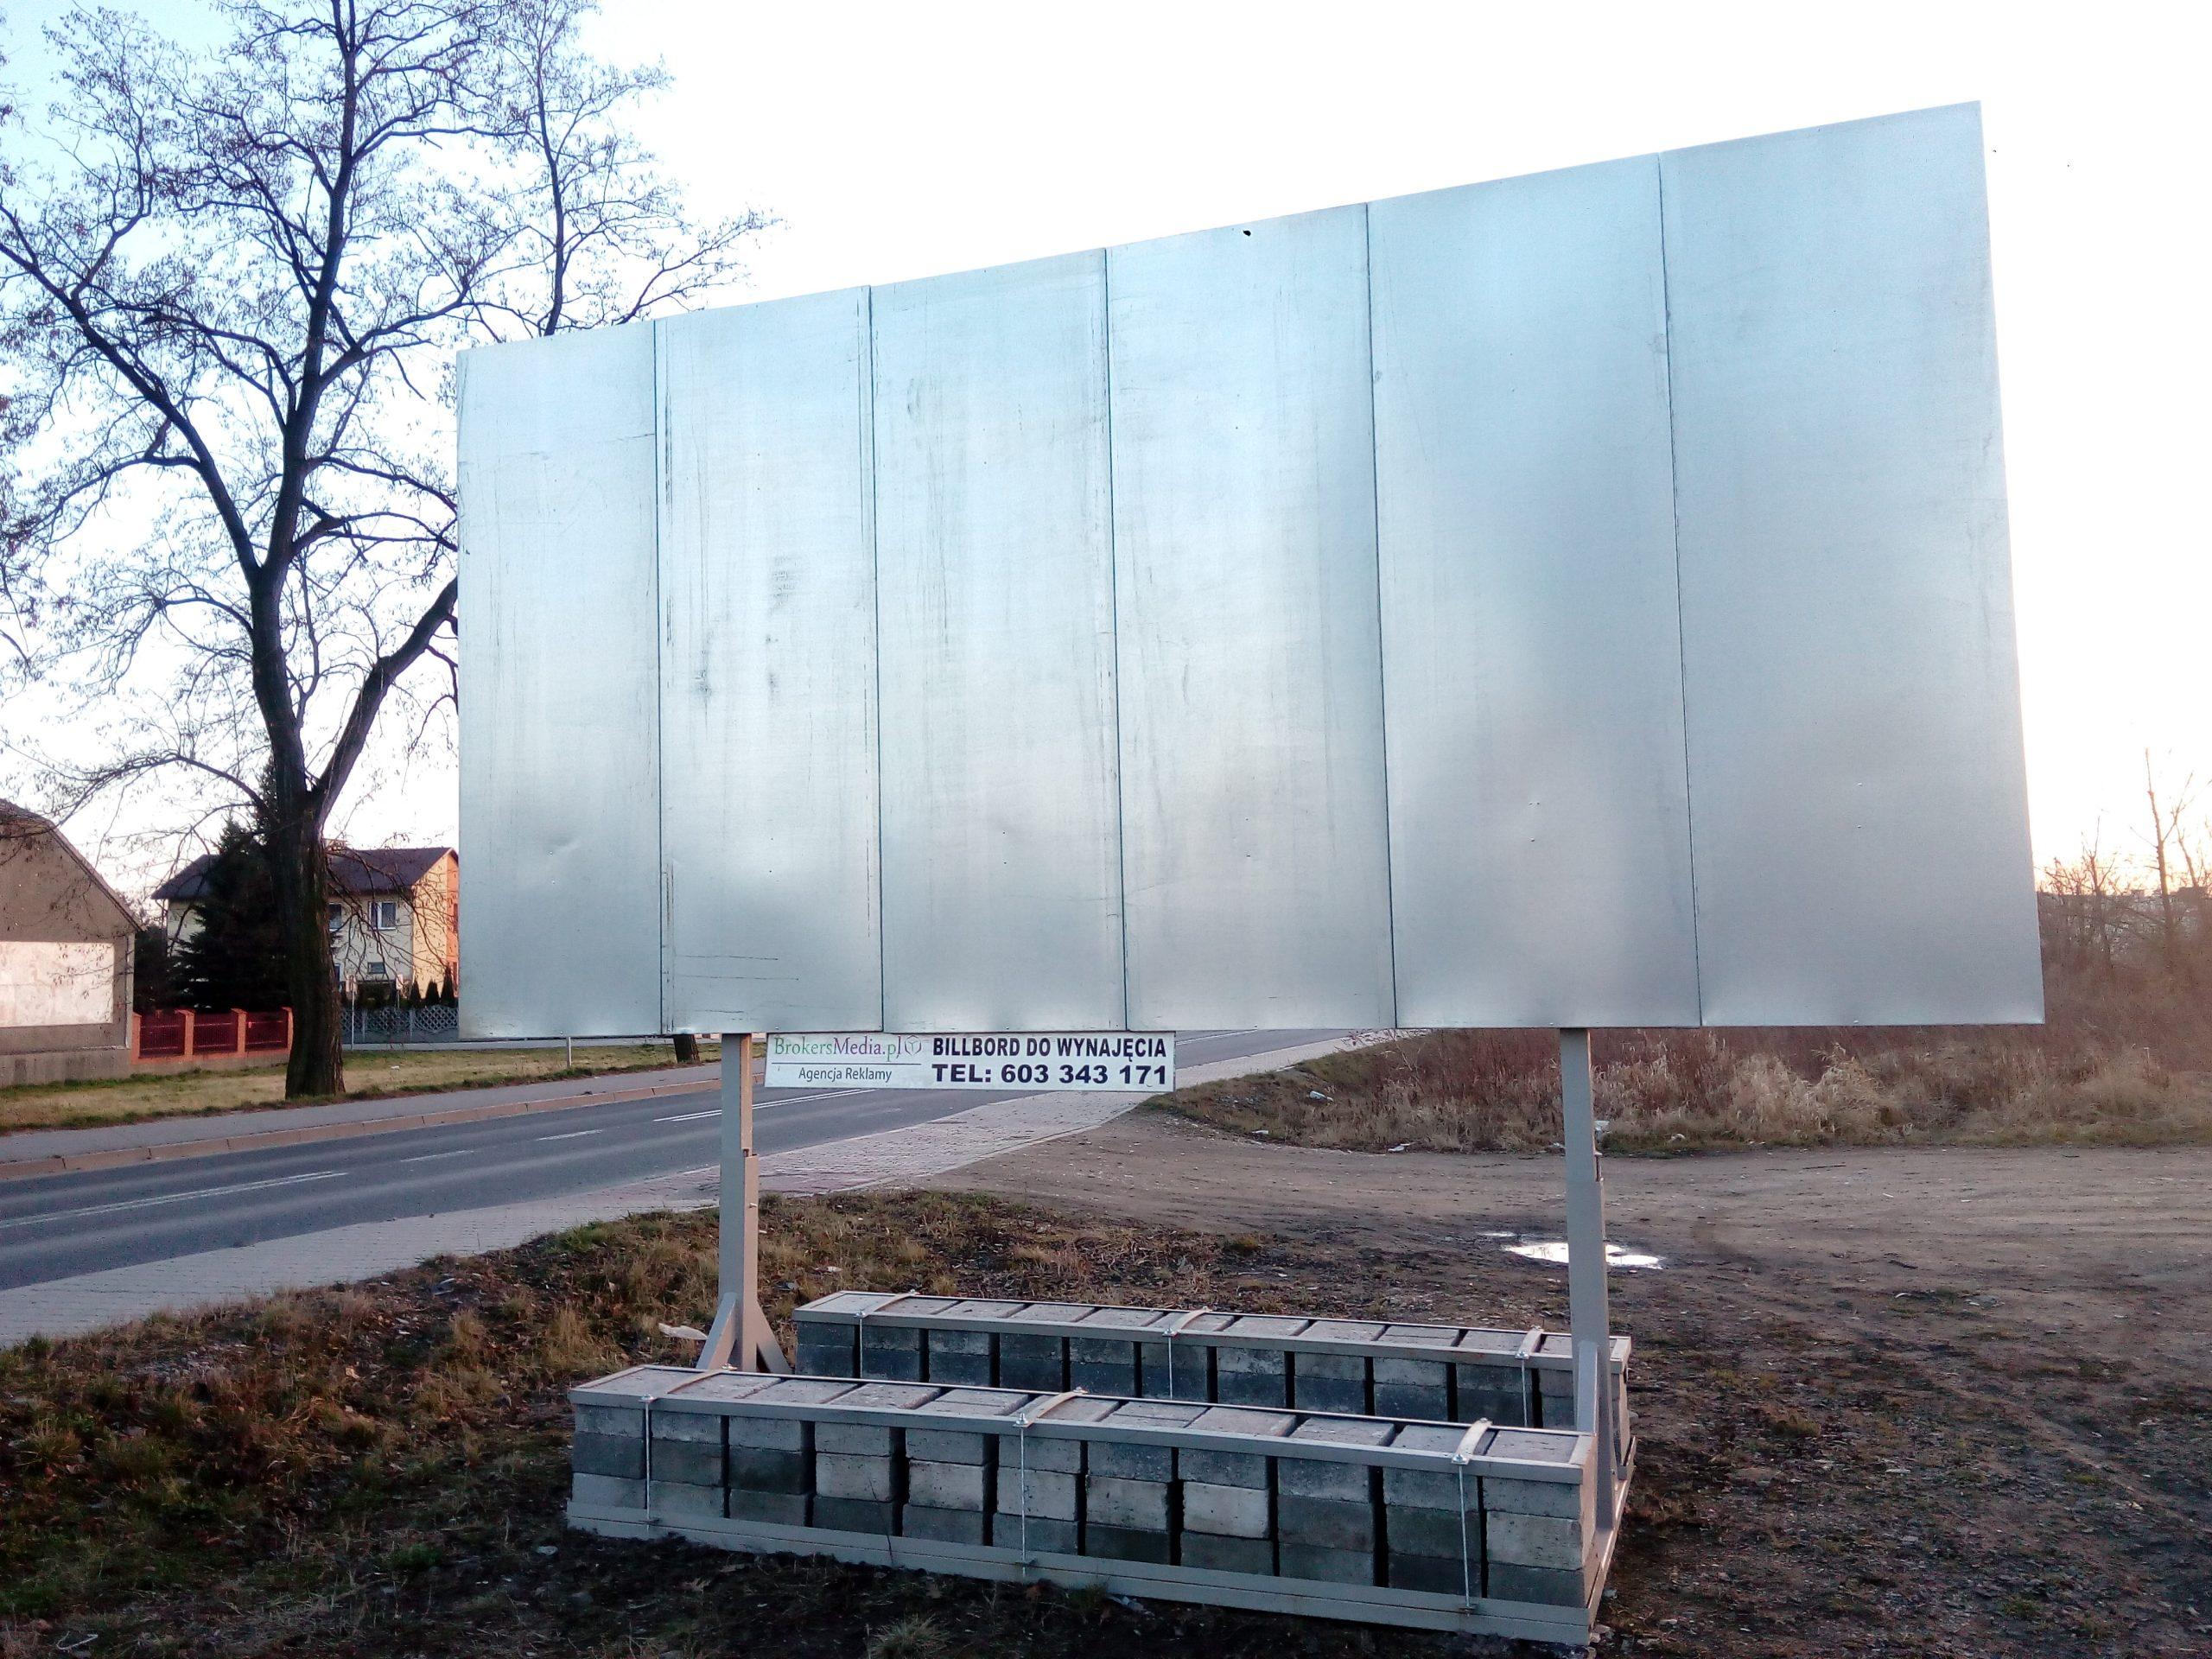 billboard Broszkowice (2)